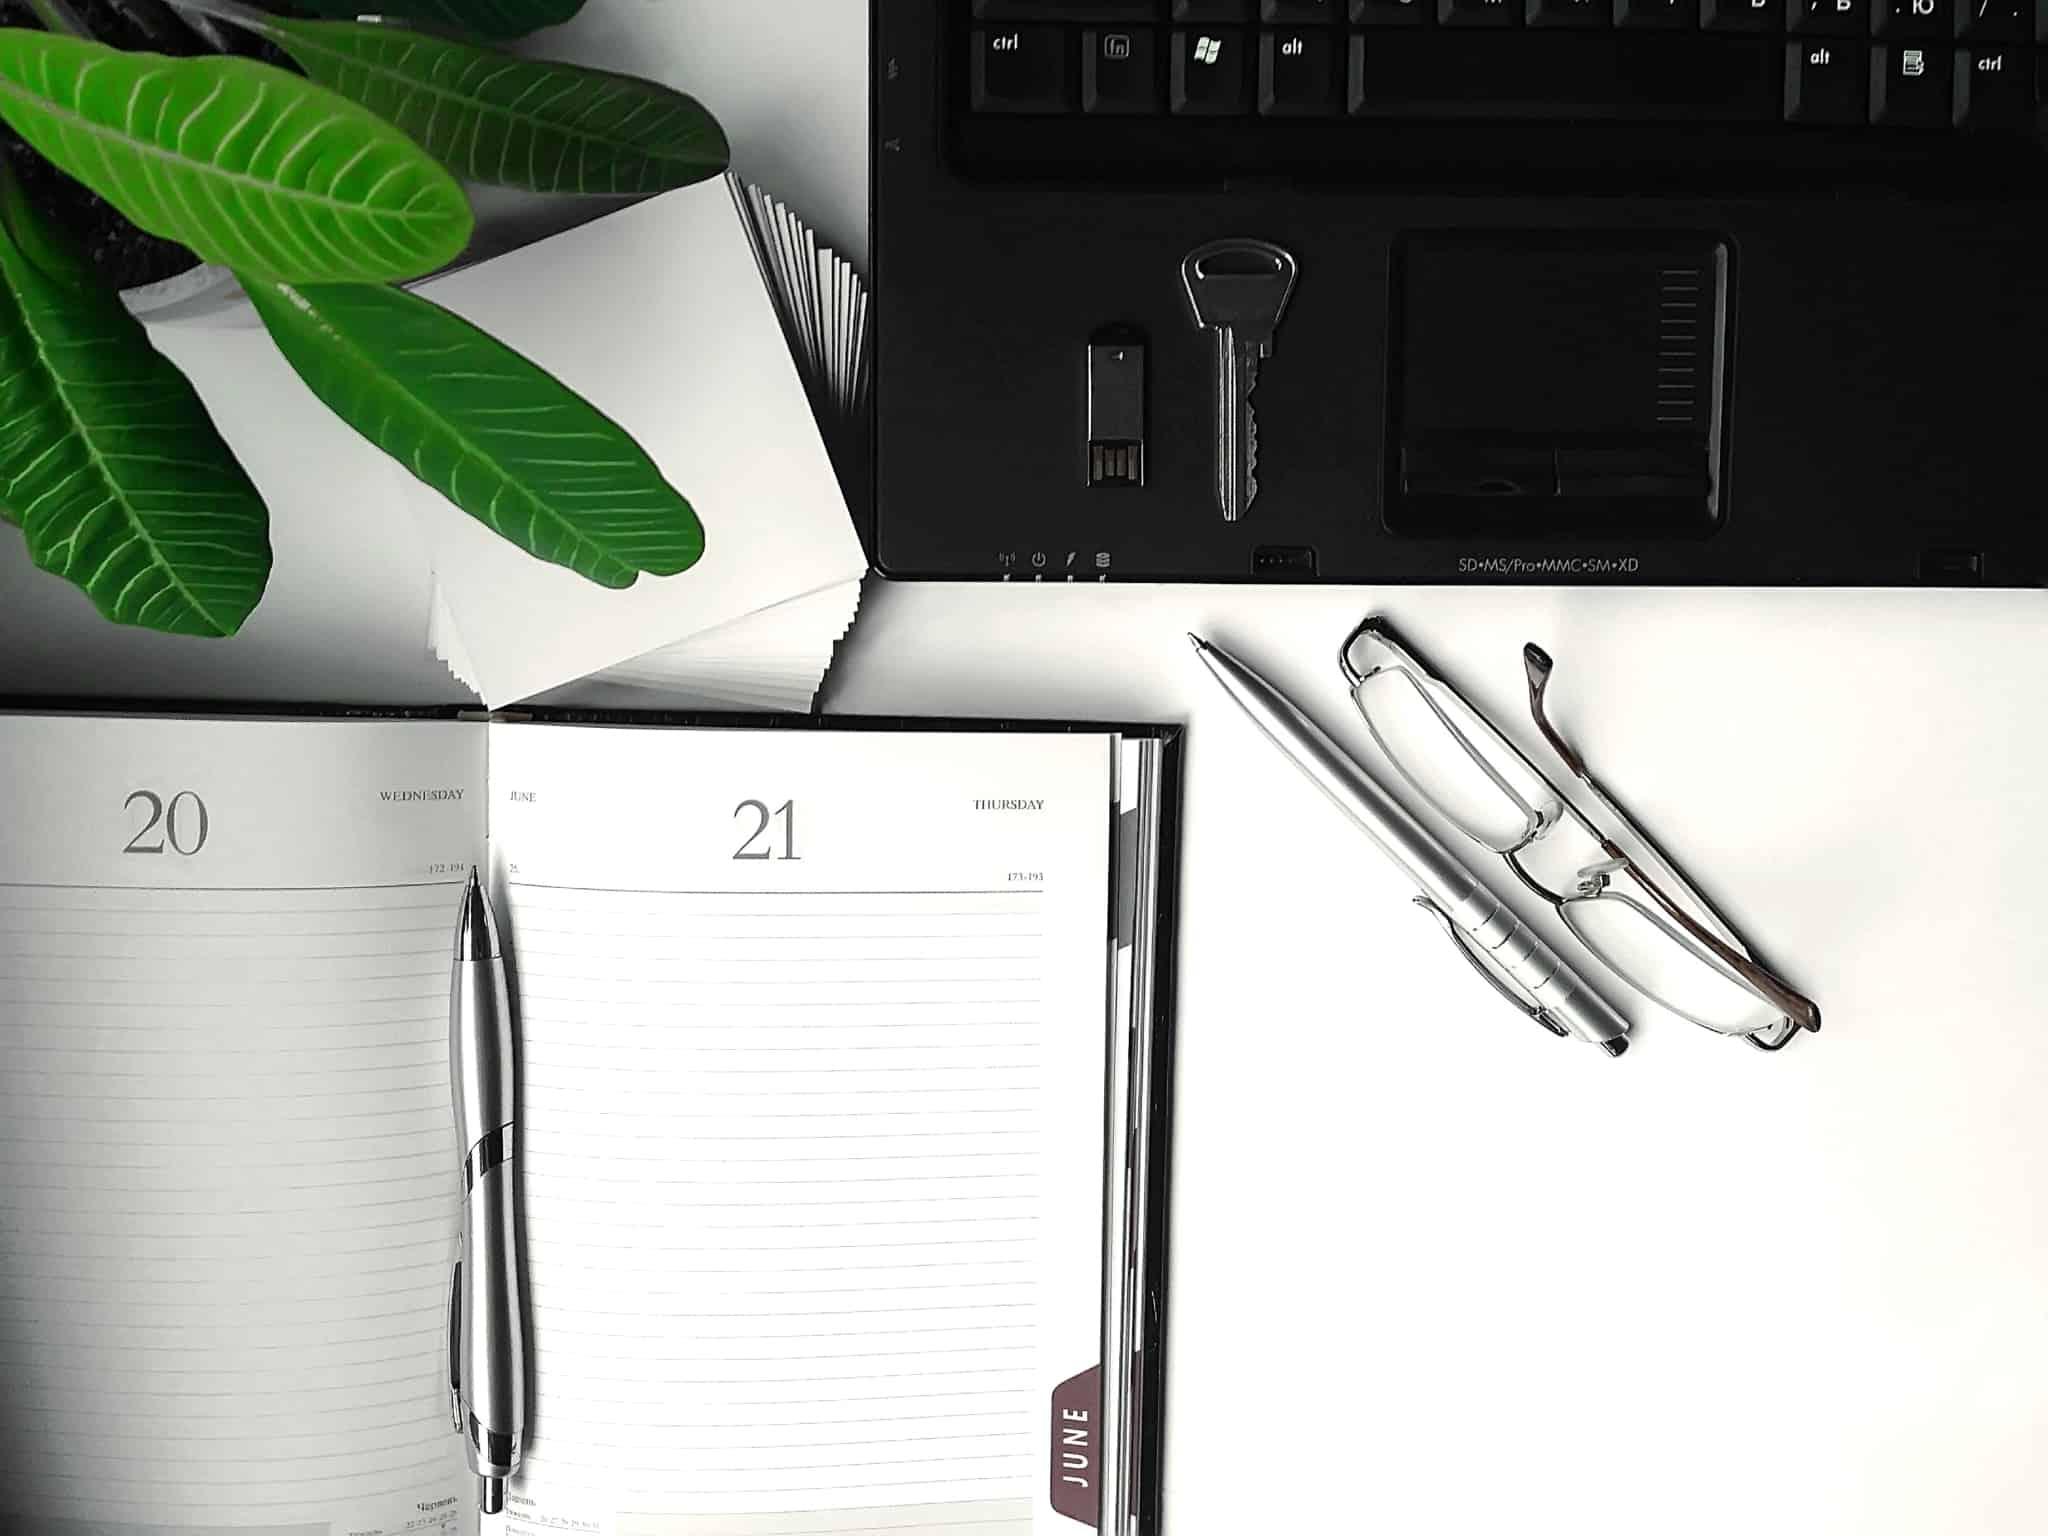 agenda aberta no dia 20 e 21 com um computador ao lado, óculos e caneta